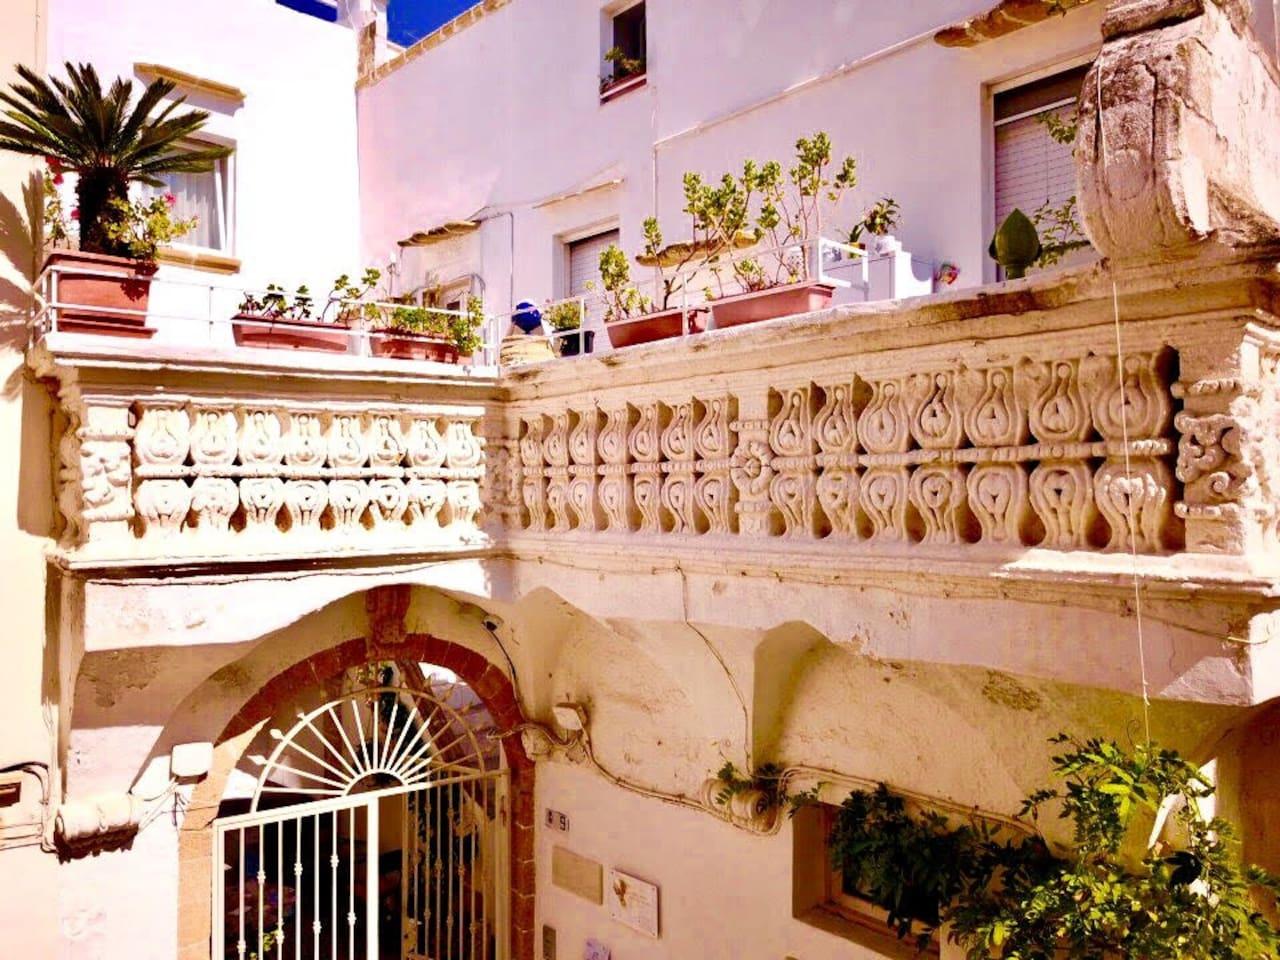 """Dimora storica del 1600, famosa ed unica per il """"balcone mensolato"""", che riproduce i disegni e lo stile architettonico del coetaneo Duomo."""